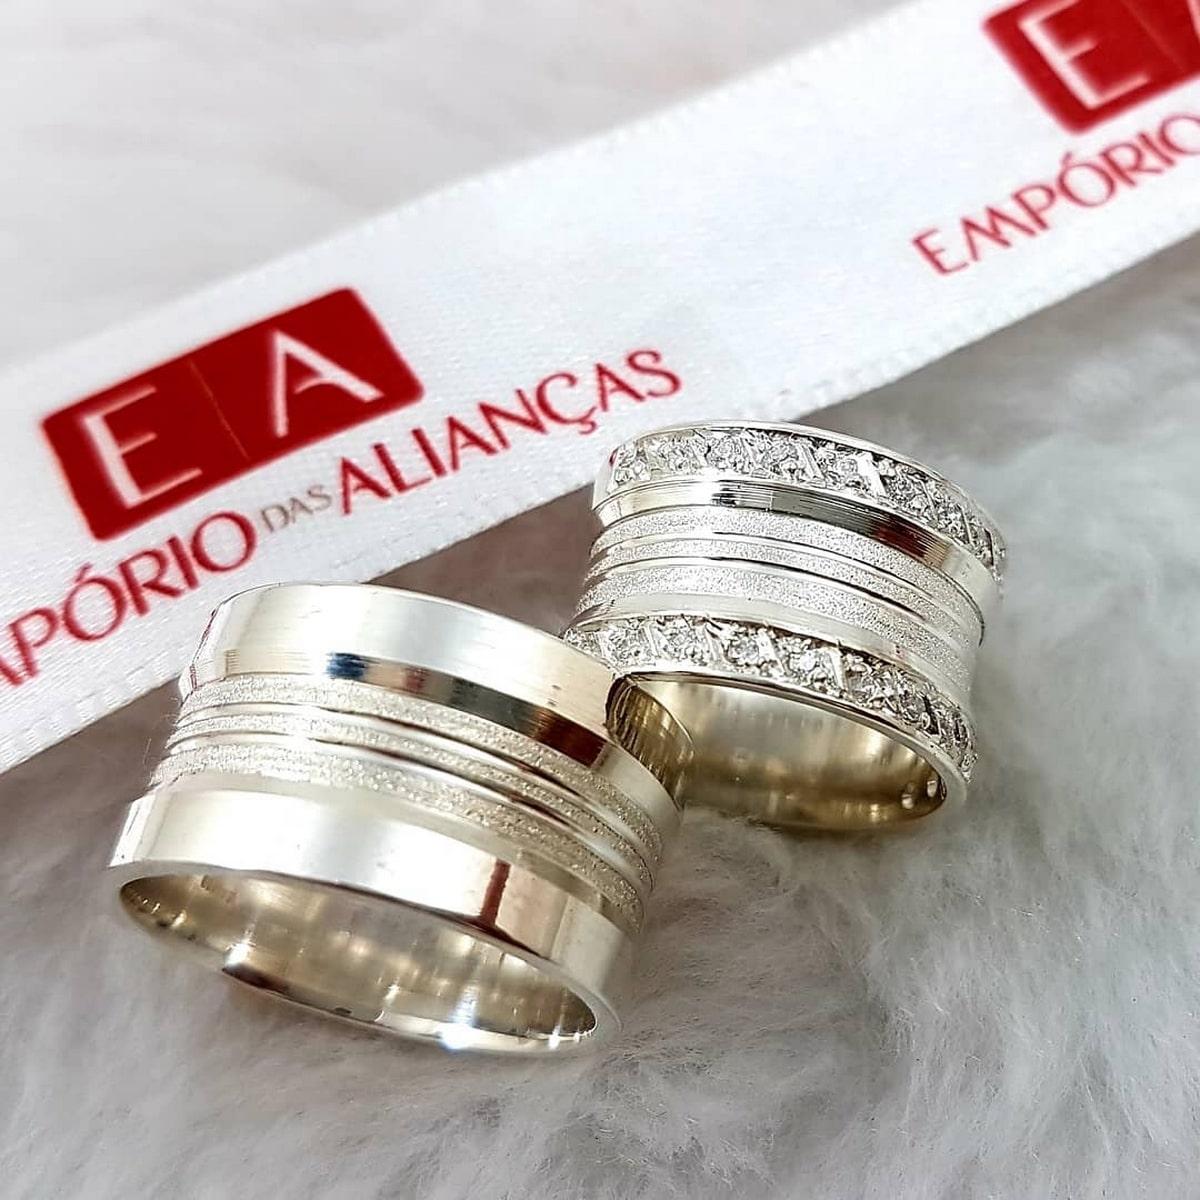 Alianças Prata Compromisso Namoro Larga Pedra Zircônia Anatômica 12mm 15 Gramas o Par